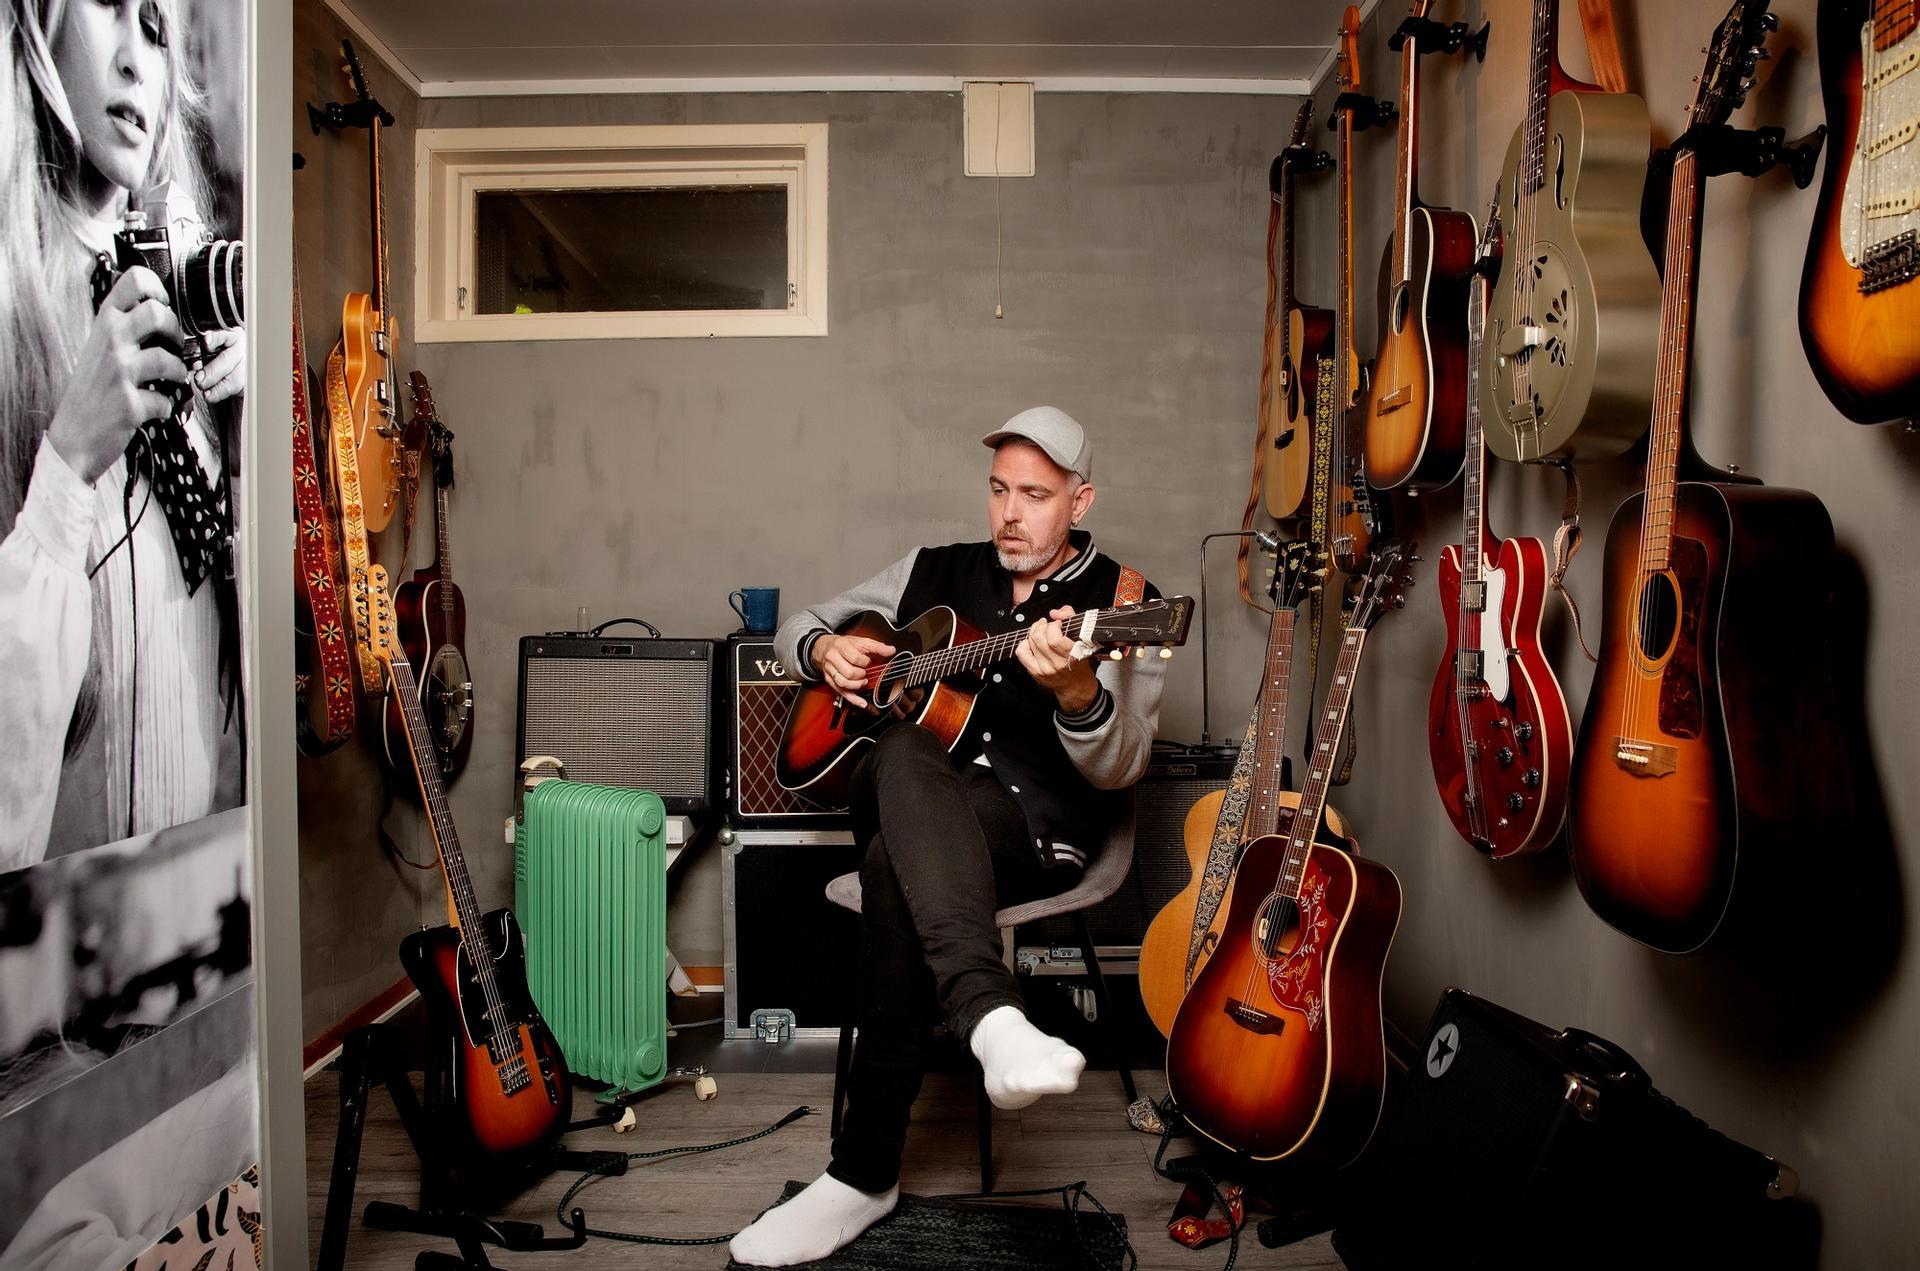 Pop og poesi. Trygve Skaug slo gjennom som artist, nå er han for mange mest kjent som poet. Det begynte med små drypp på Facebook.